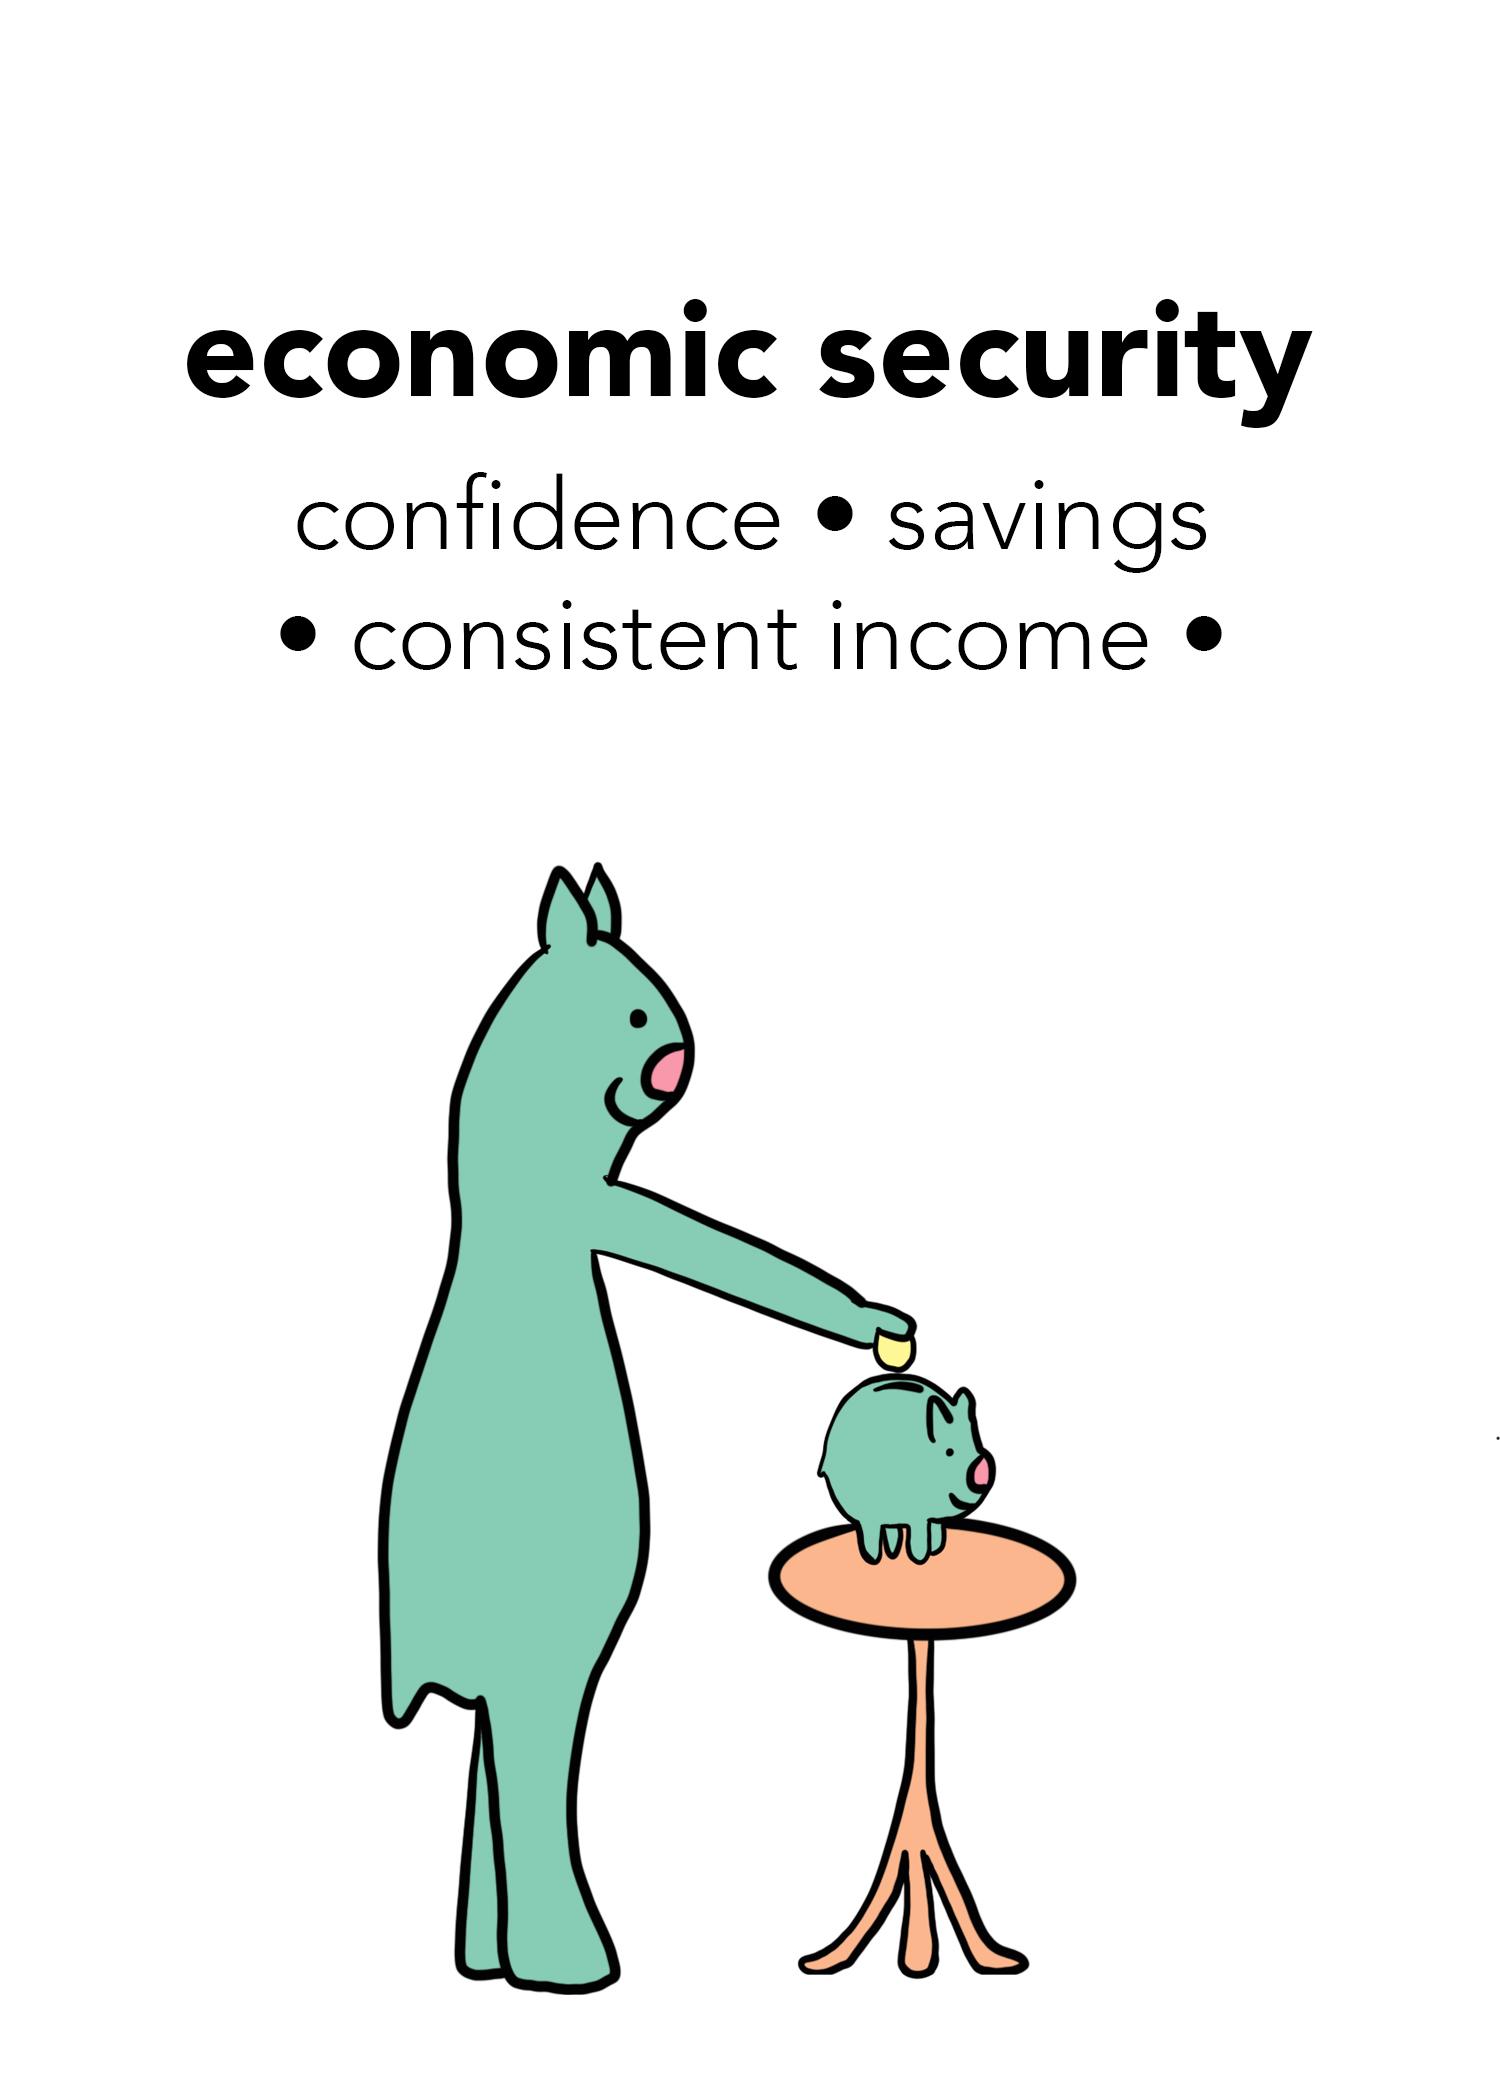 economicsecurity.jpg